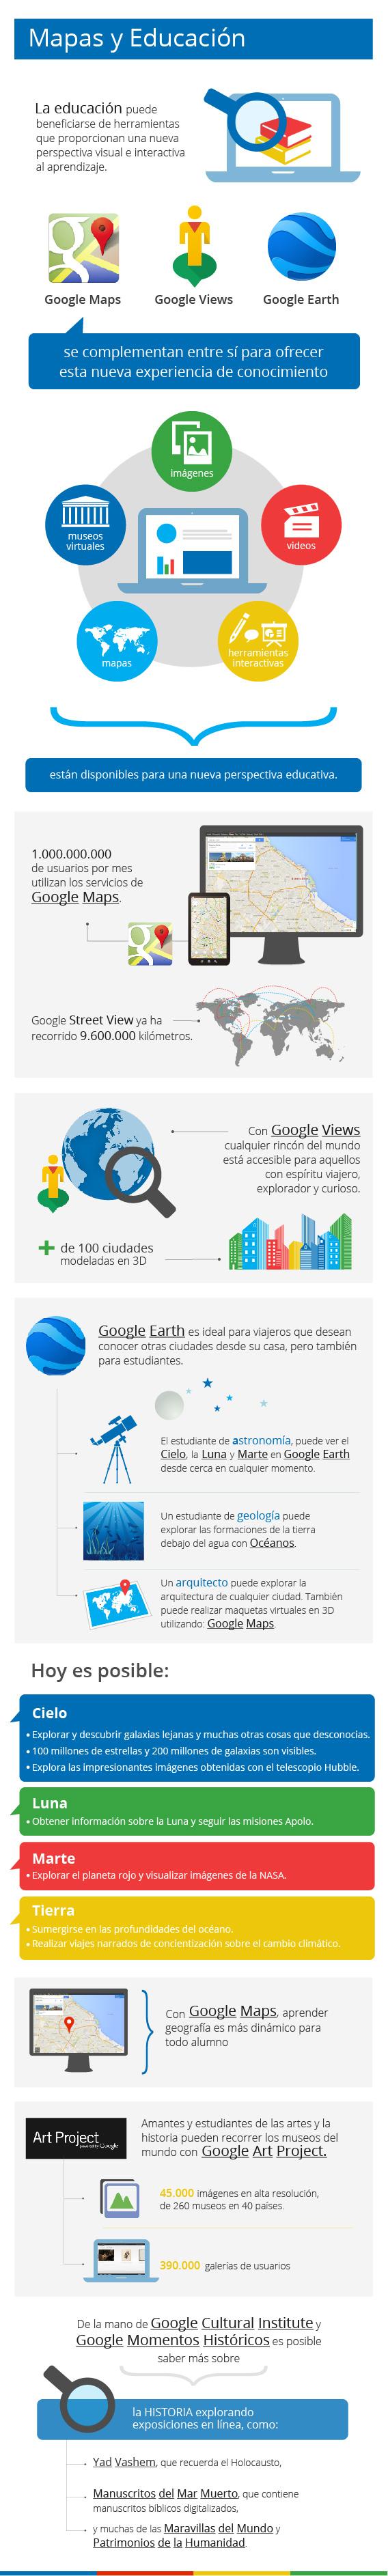 Infografía: Posibilidades de Google en Educación y otros ámbitos.